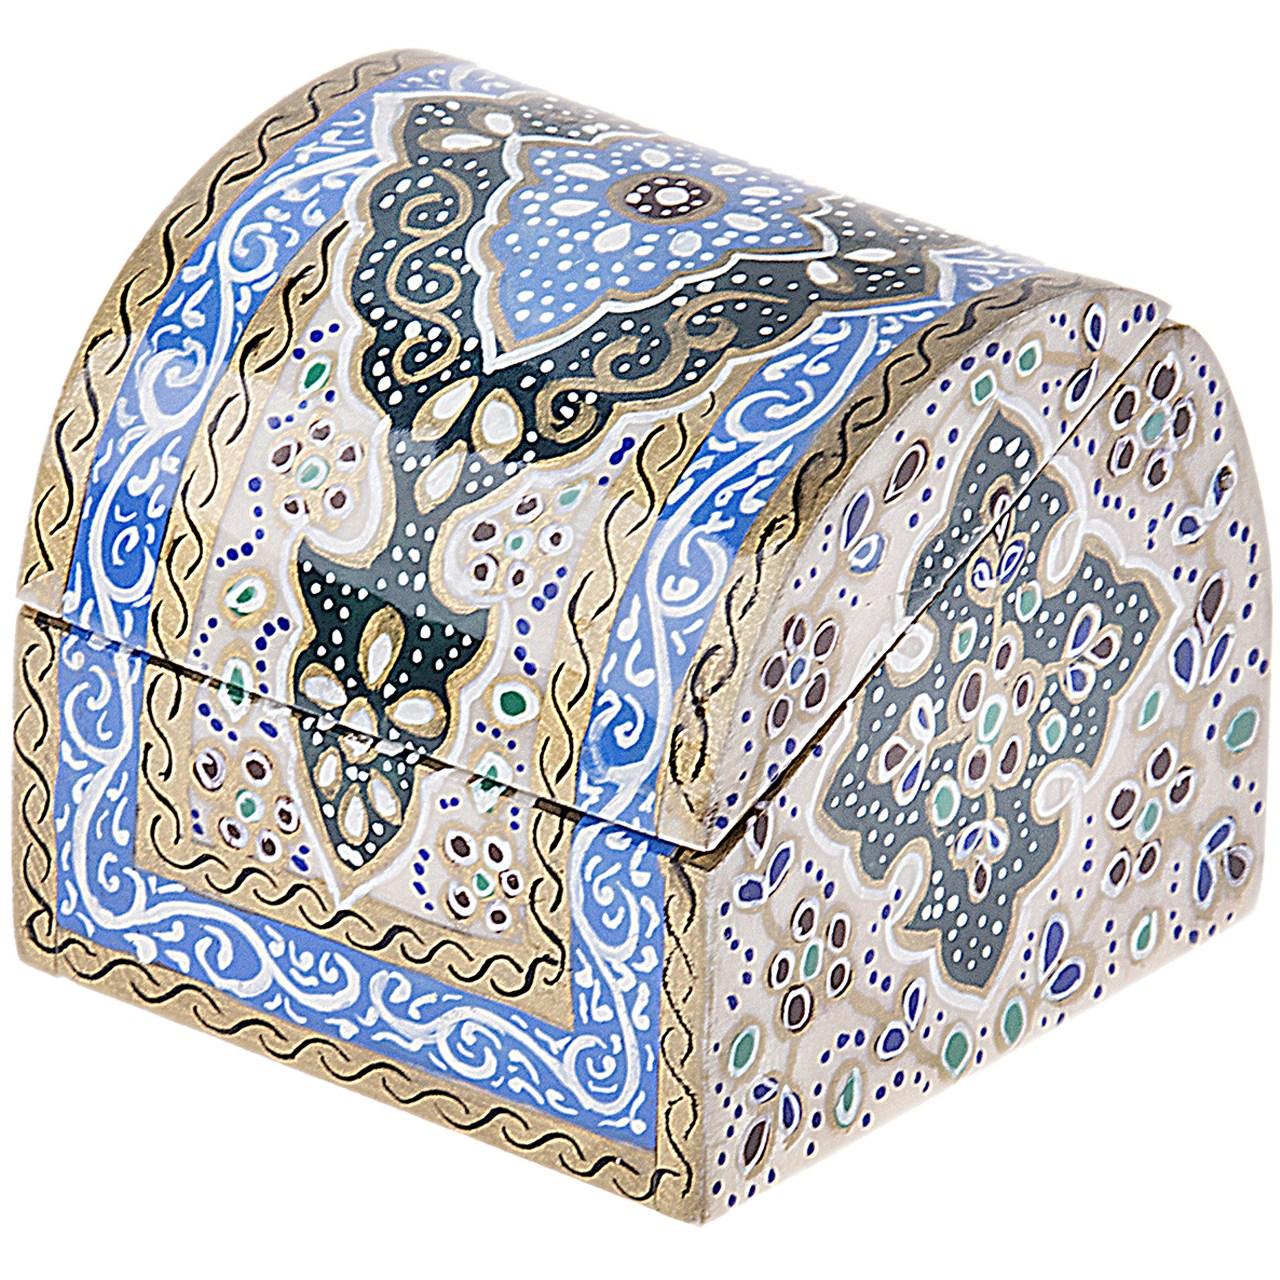 جعبه استخوانی اثر بهشتی طرح تذهیب 2 سایز کوچک